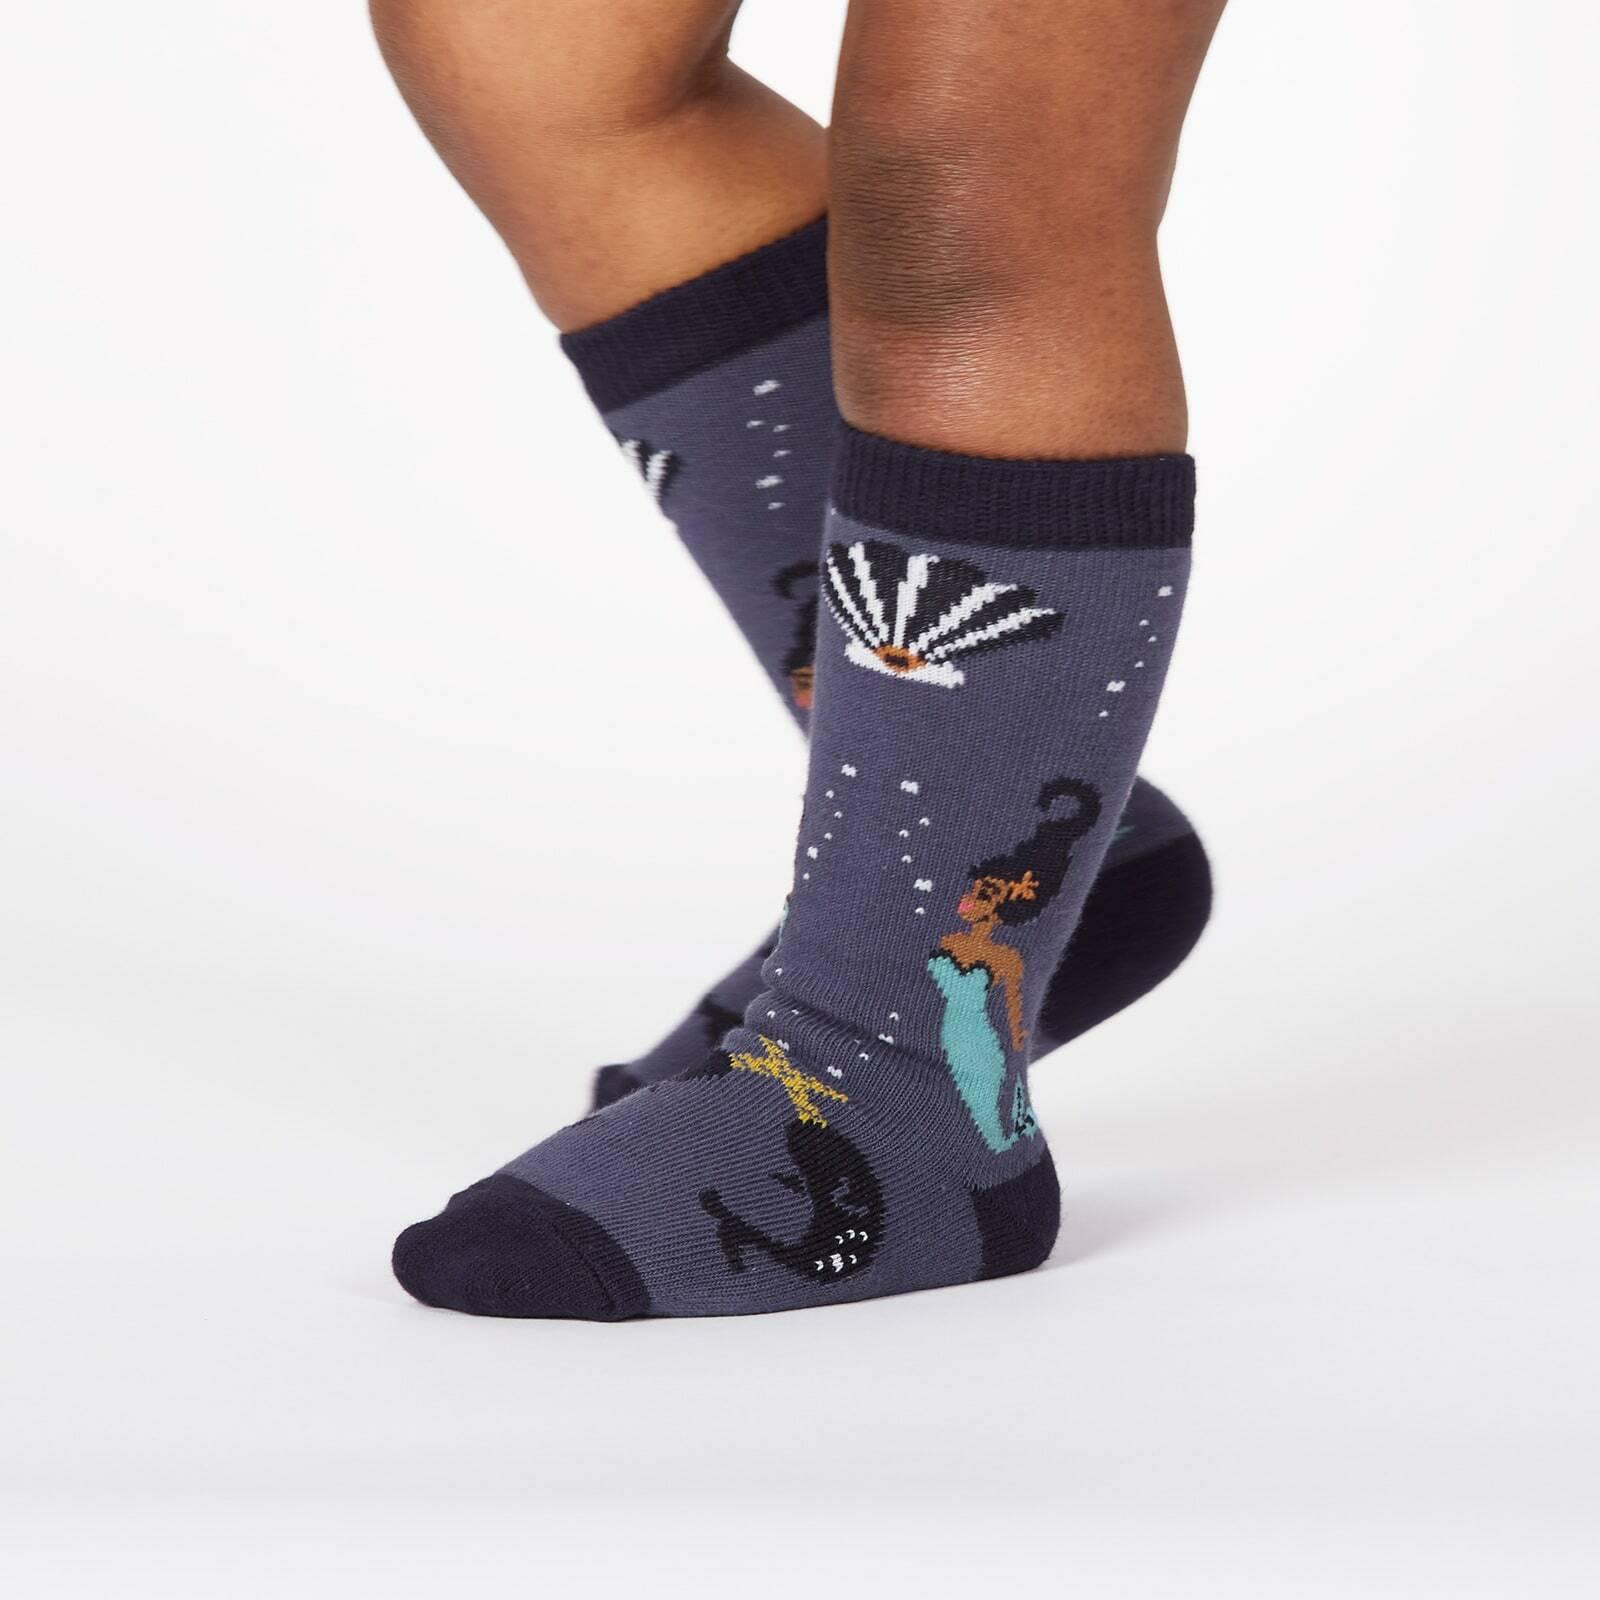 model wearing Deep Sea Queen - Mermaid and Sea Creatures Knee High Socks Grey - Toddler